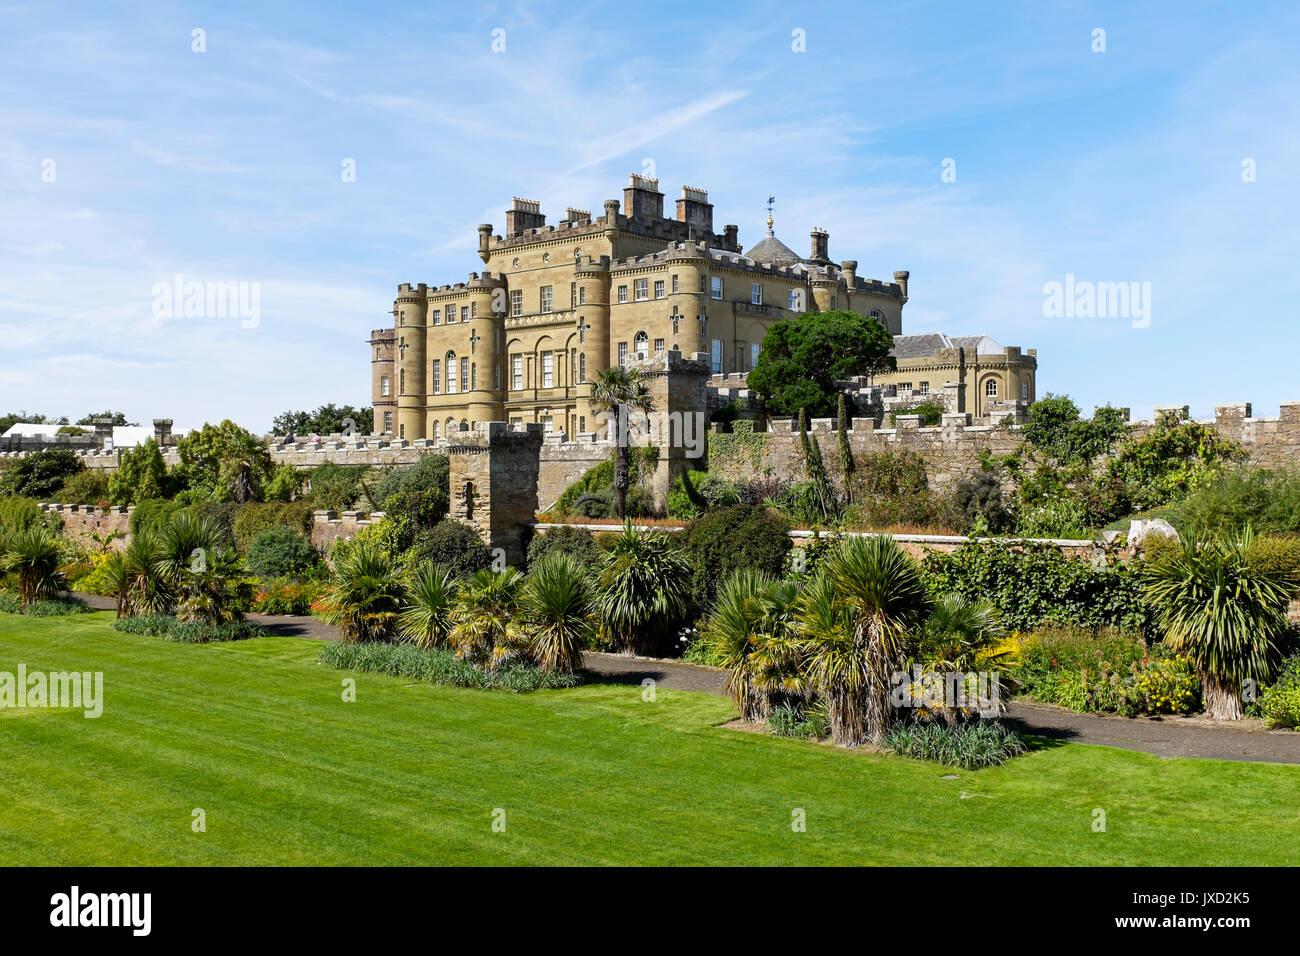 Culzean Castle, cerca de Ayr, en Ayrshire, Escocia, Reino Unido Imagen De Stock